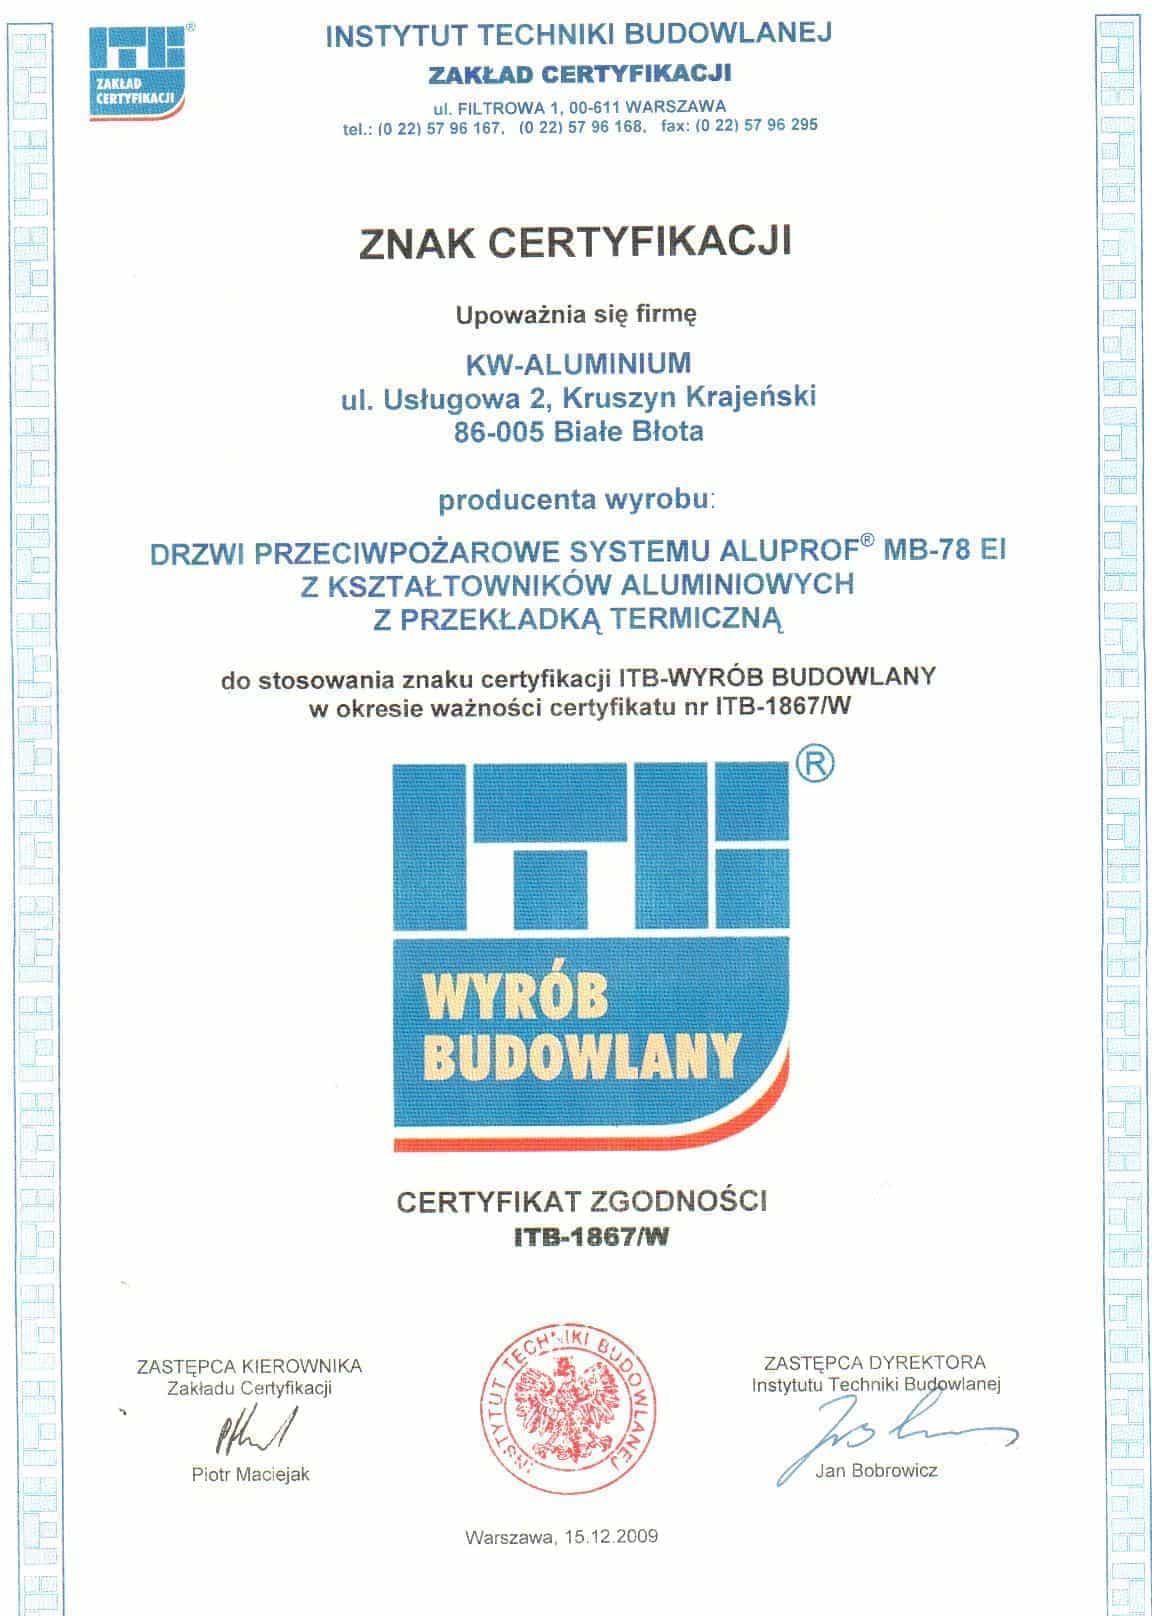 Instytut Techniki Budowlanej – Znak Certyfikacji